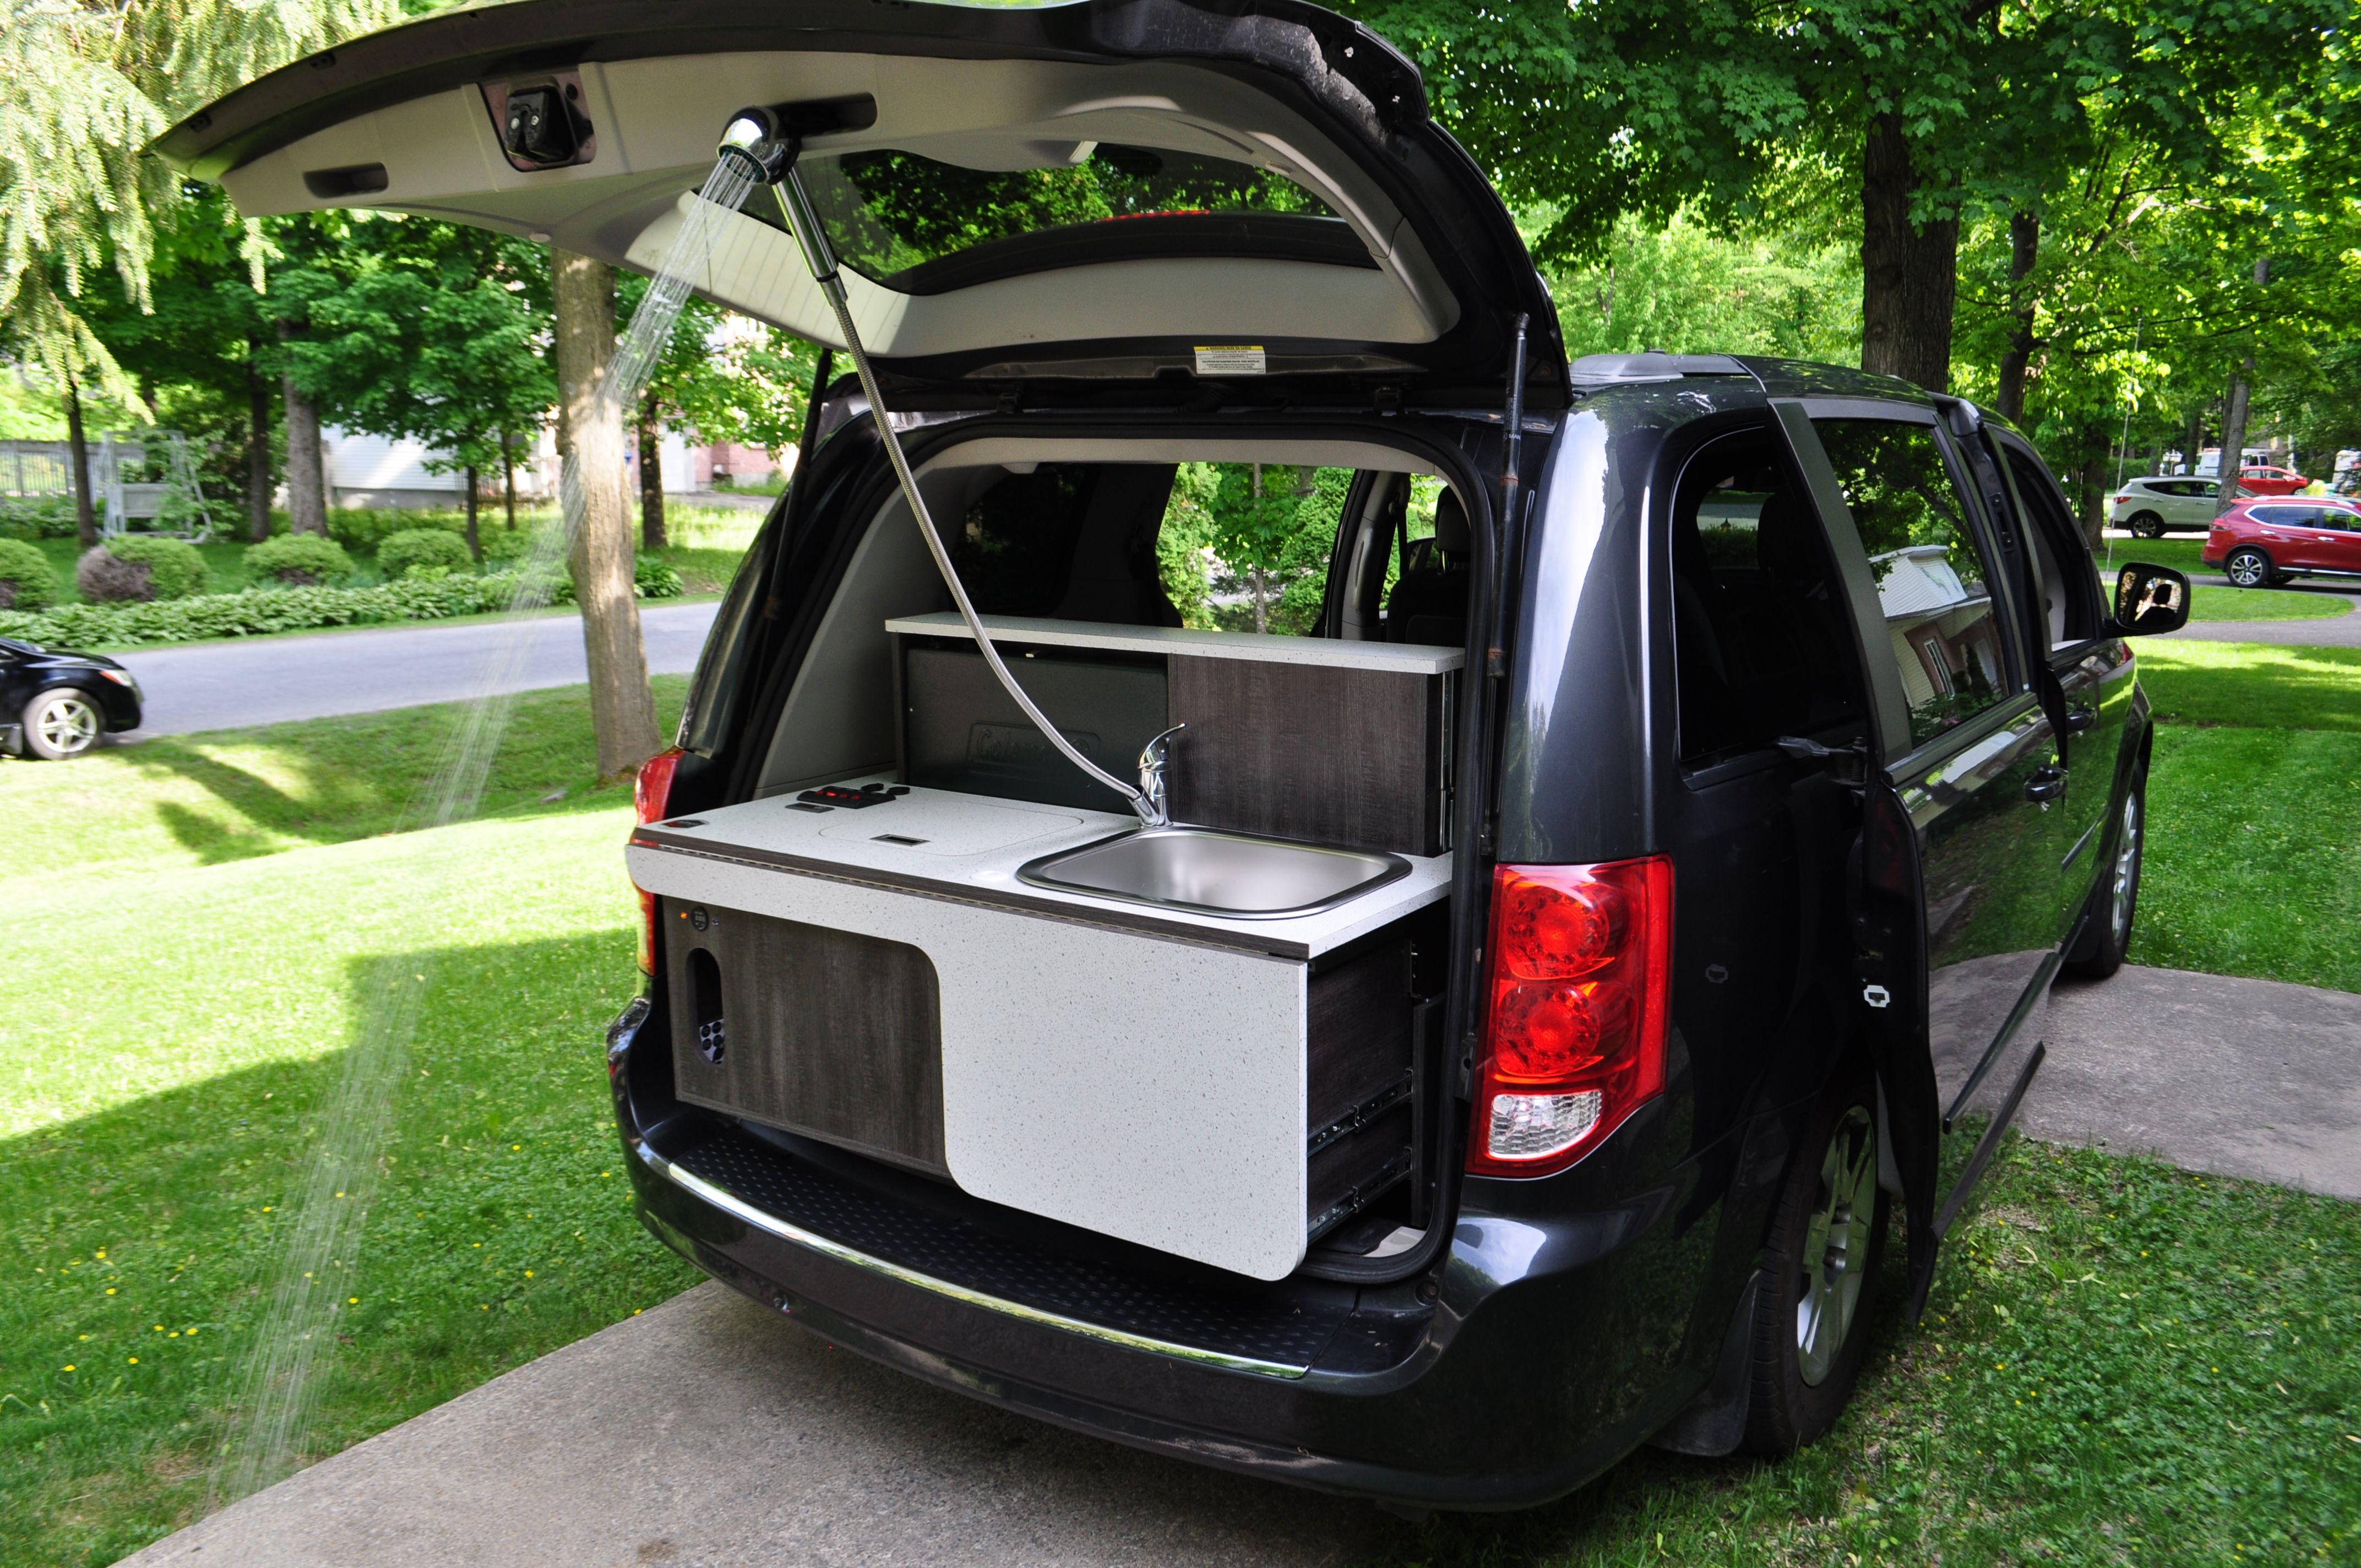 Camper Van Shower By Freeway Camper Kit Mini Van Campervan